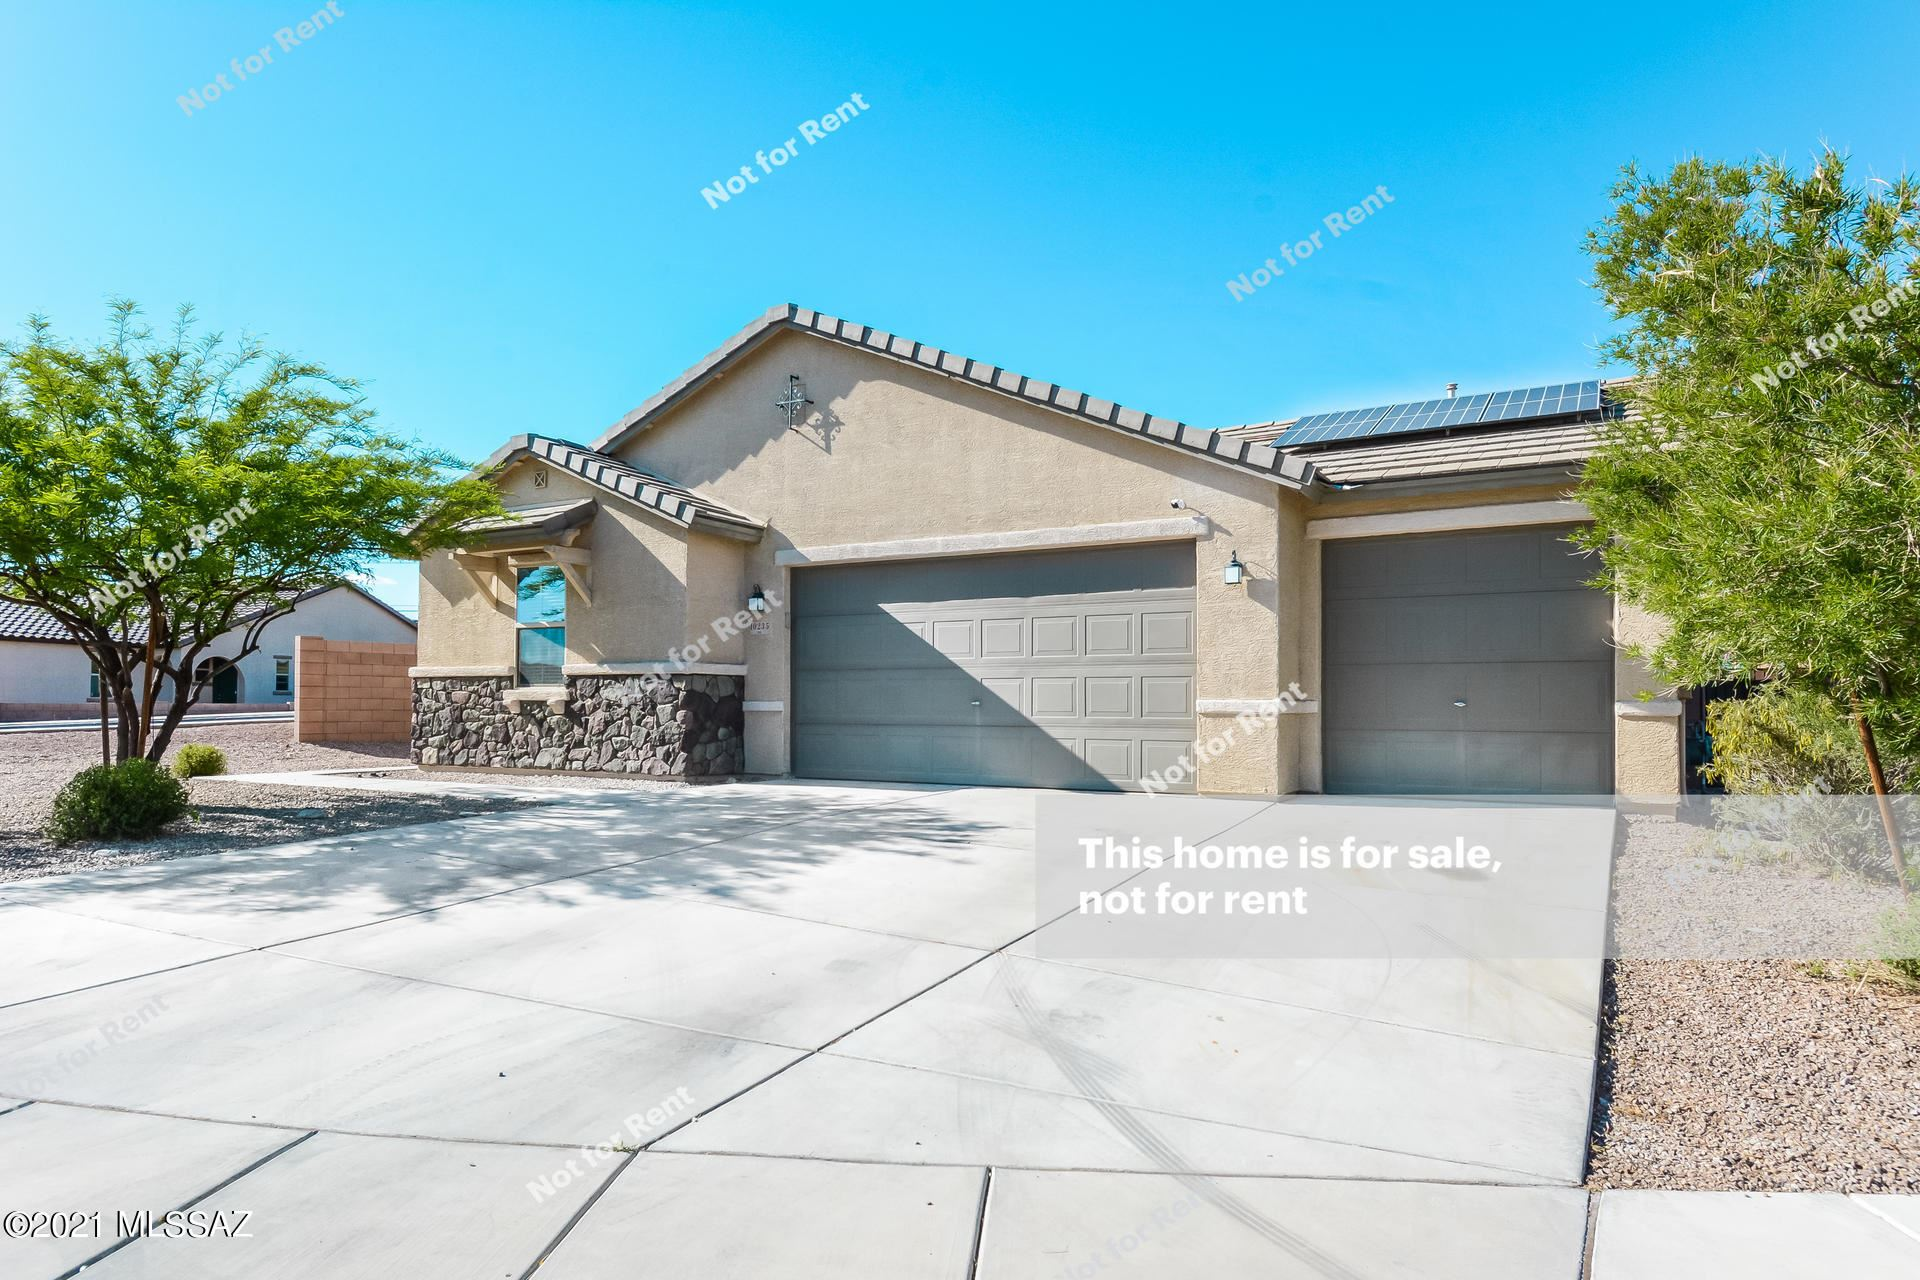 10235 E Placita De Dos Pesos, Tucson, AZ 85730 - MLS#: 22111577